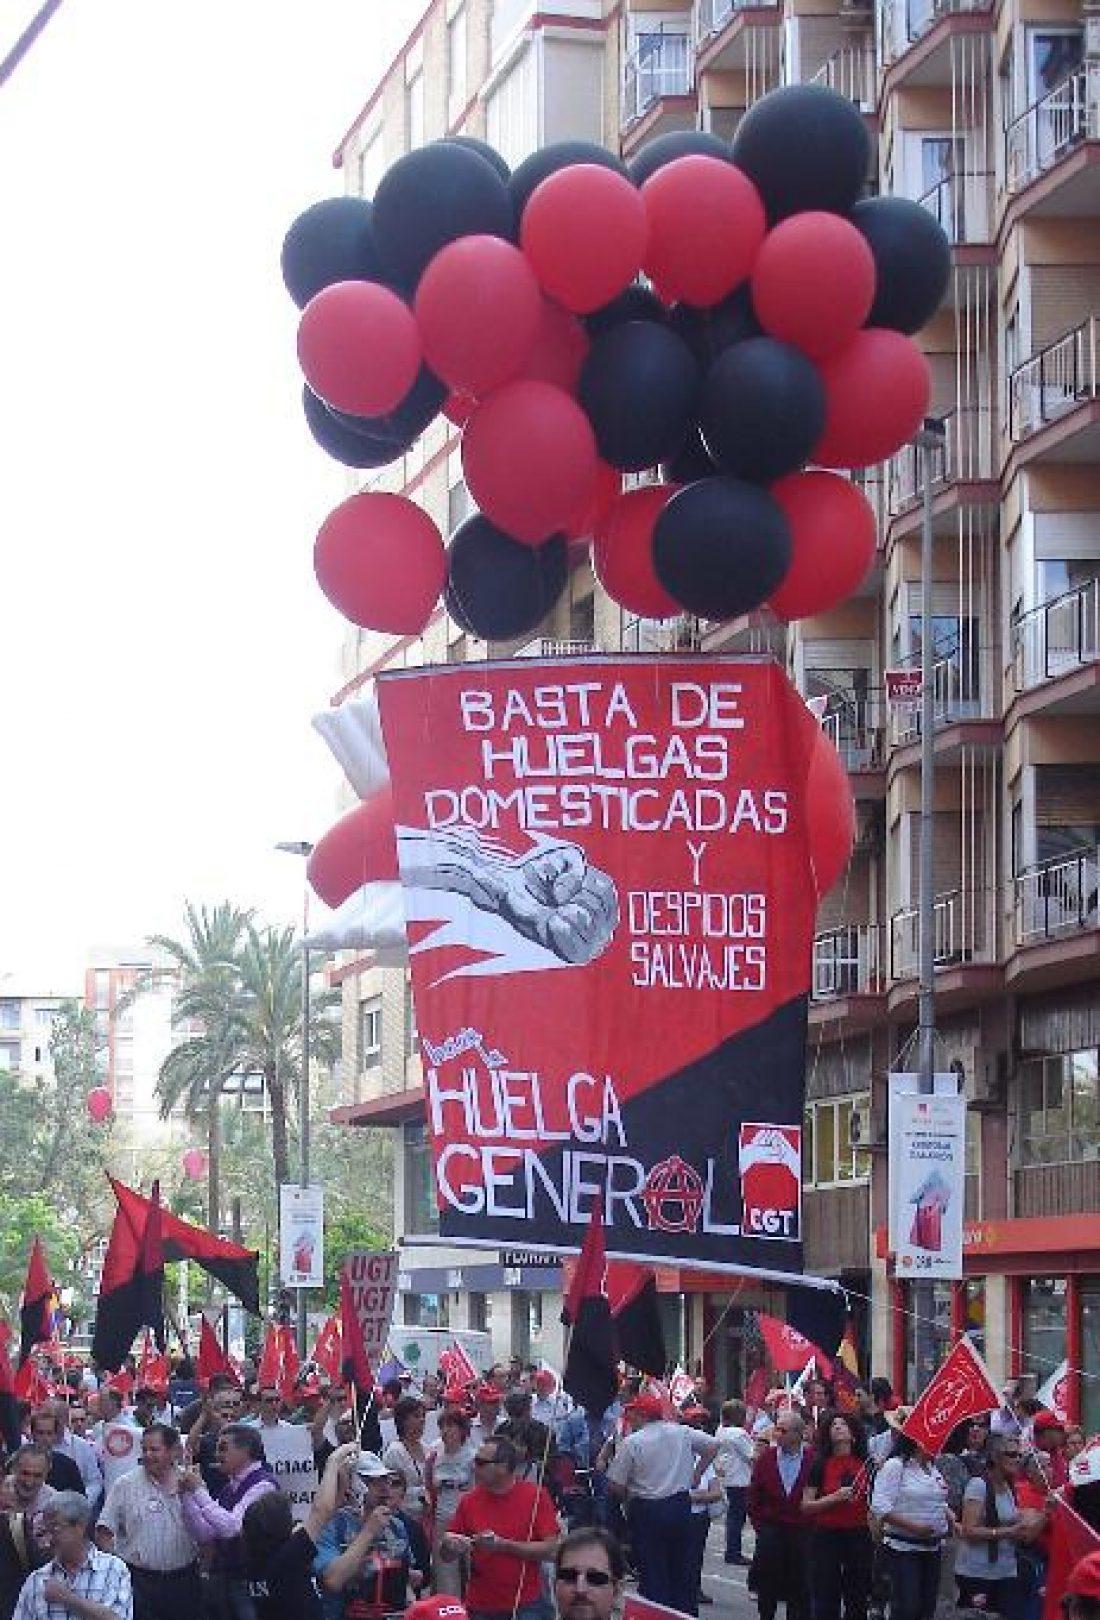 Lxs trabajadorxs de Santa Bárbara se concentran frente al Parlamento andaluz